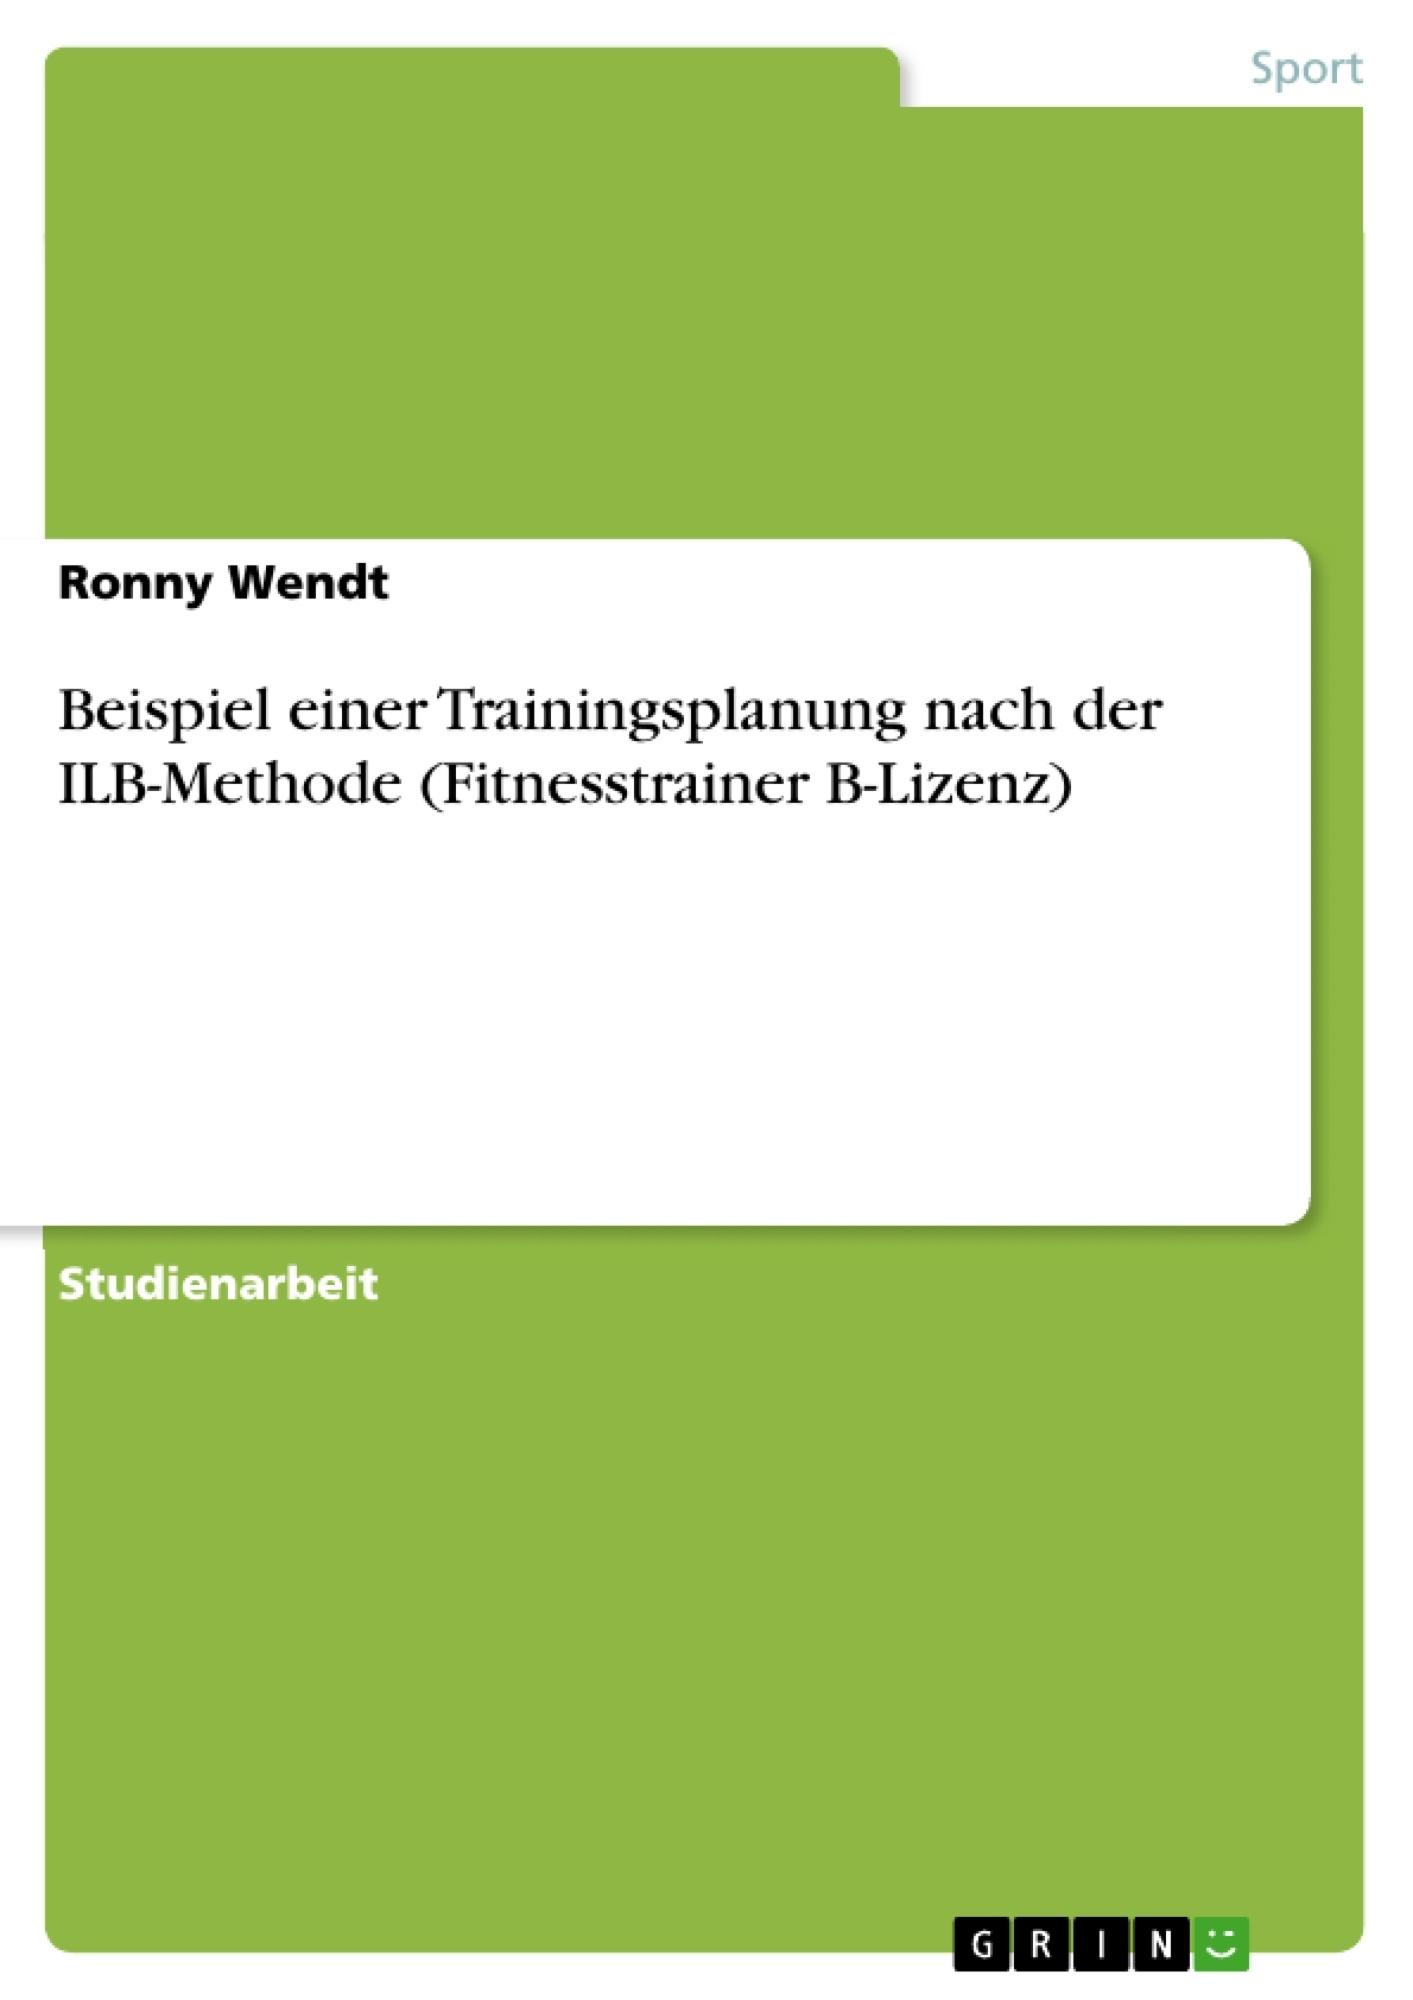 Titel: Beispiel einer Trainingsplanung nach der ILB-Methode (Fitnesstrainer B-Lizenz)